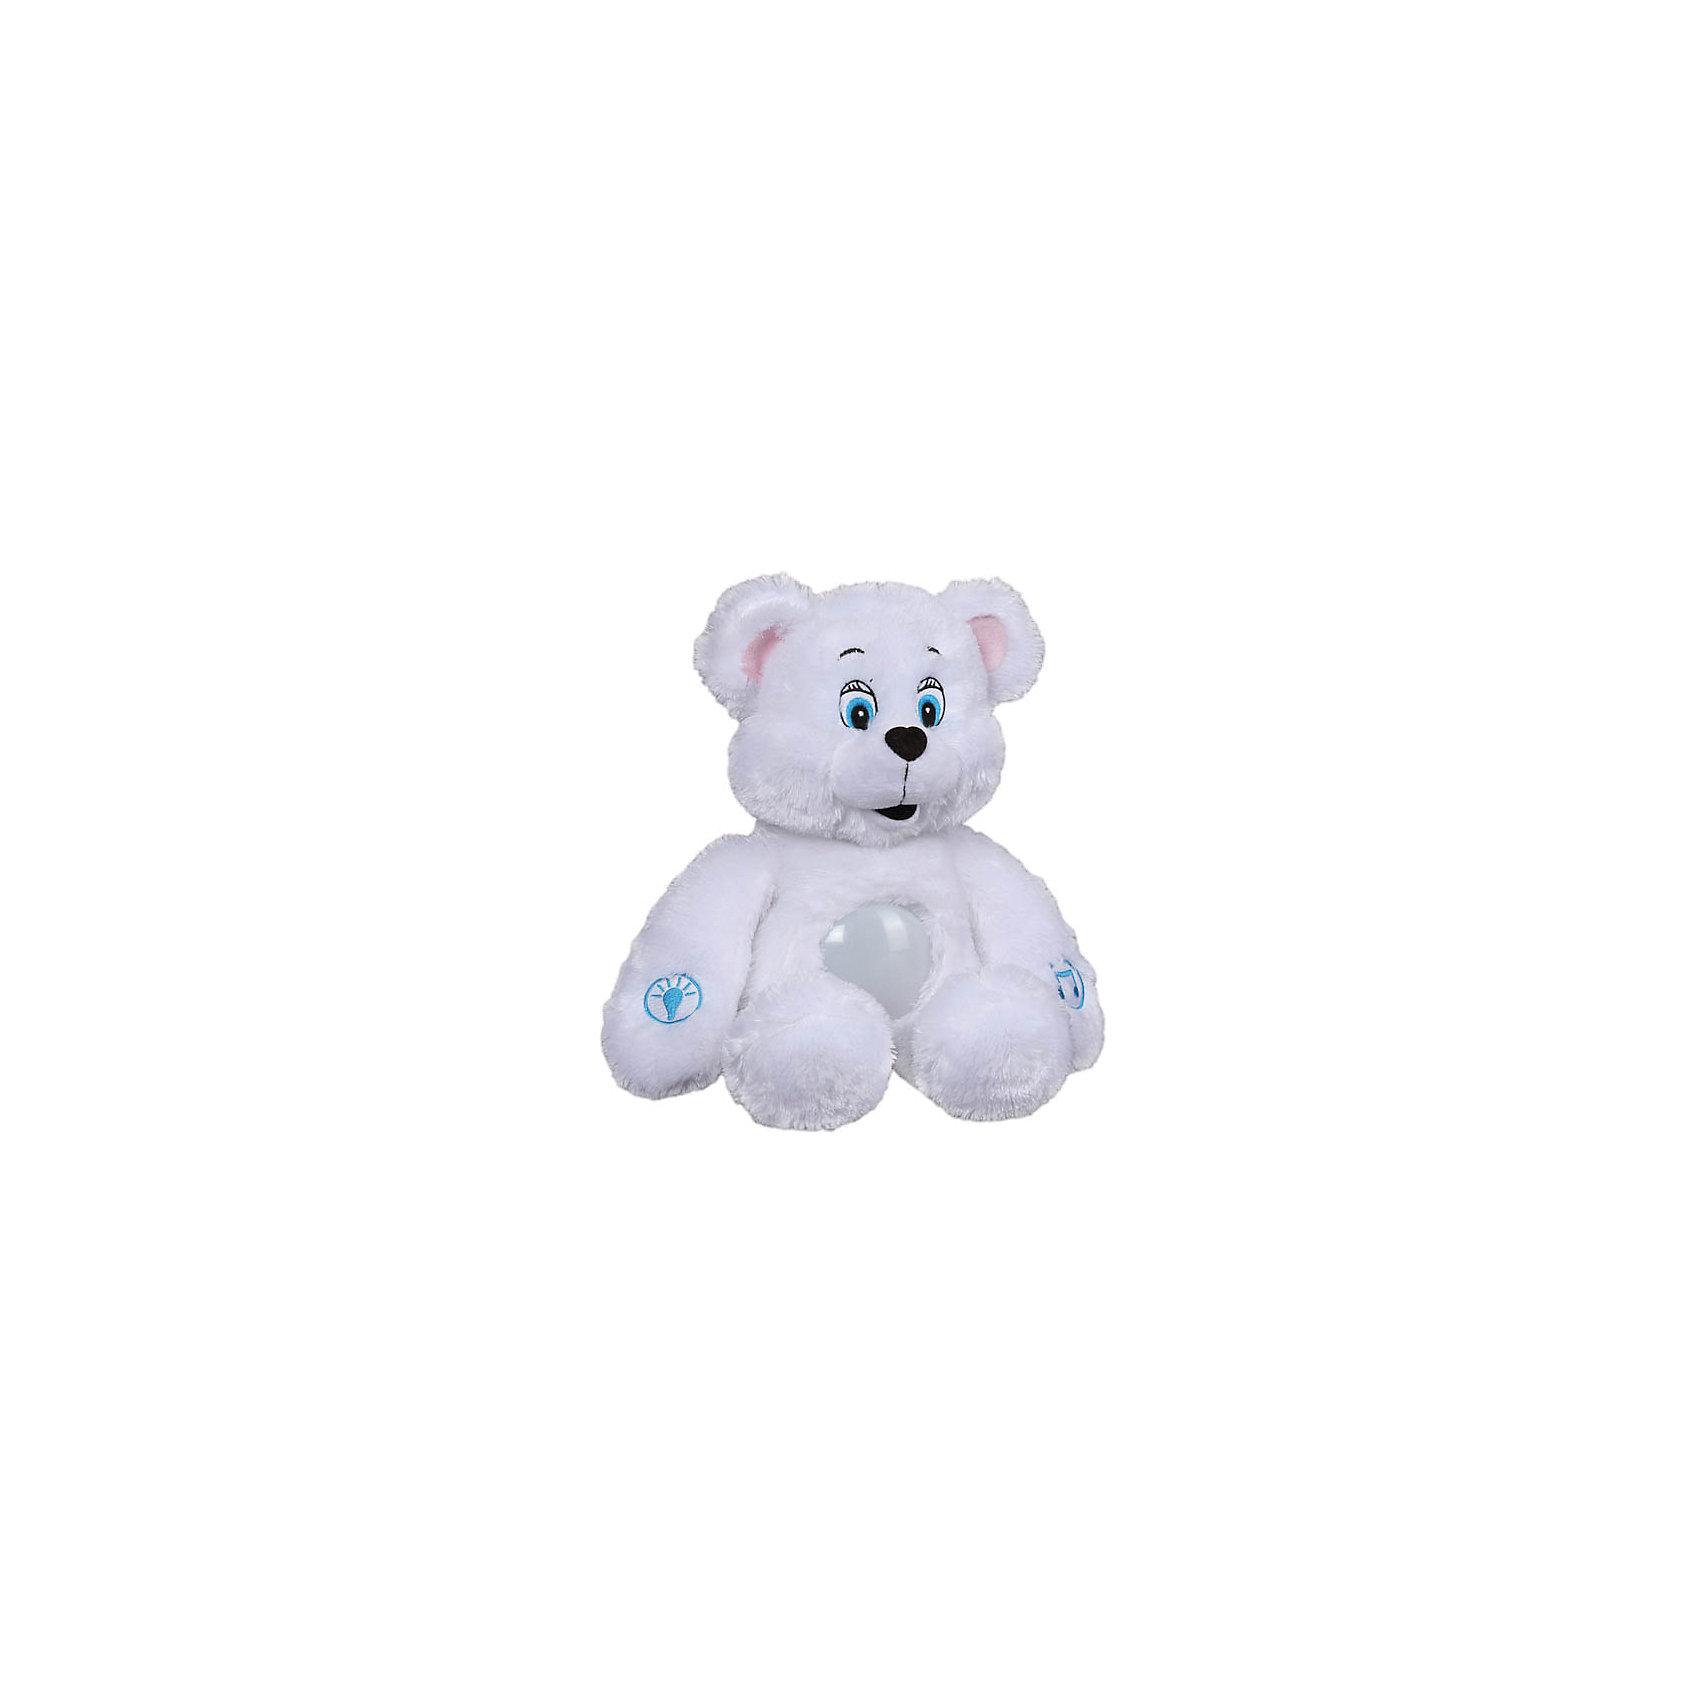 Мягкая игрушка-cветильник Лунный мишка, 38 см, со звуком, МУЛЬТИ-ПУЛЬТИ от myToys